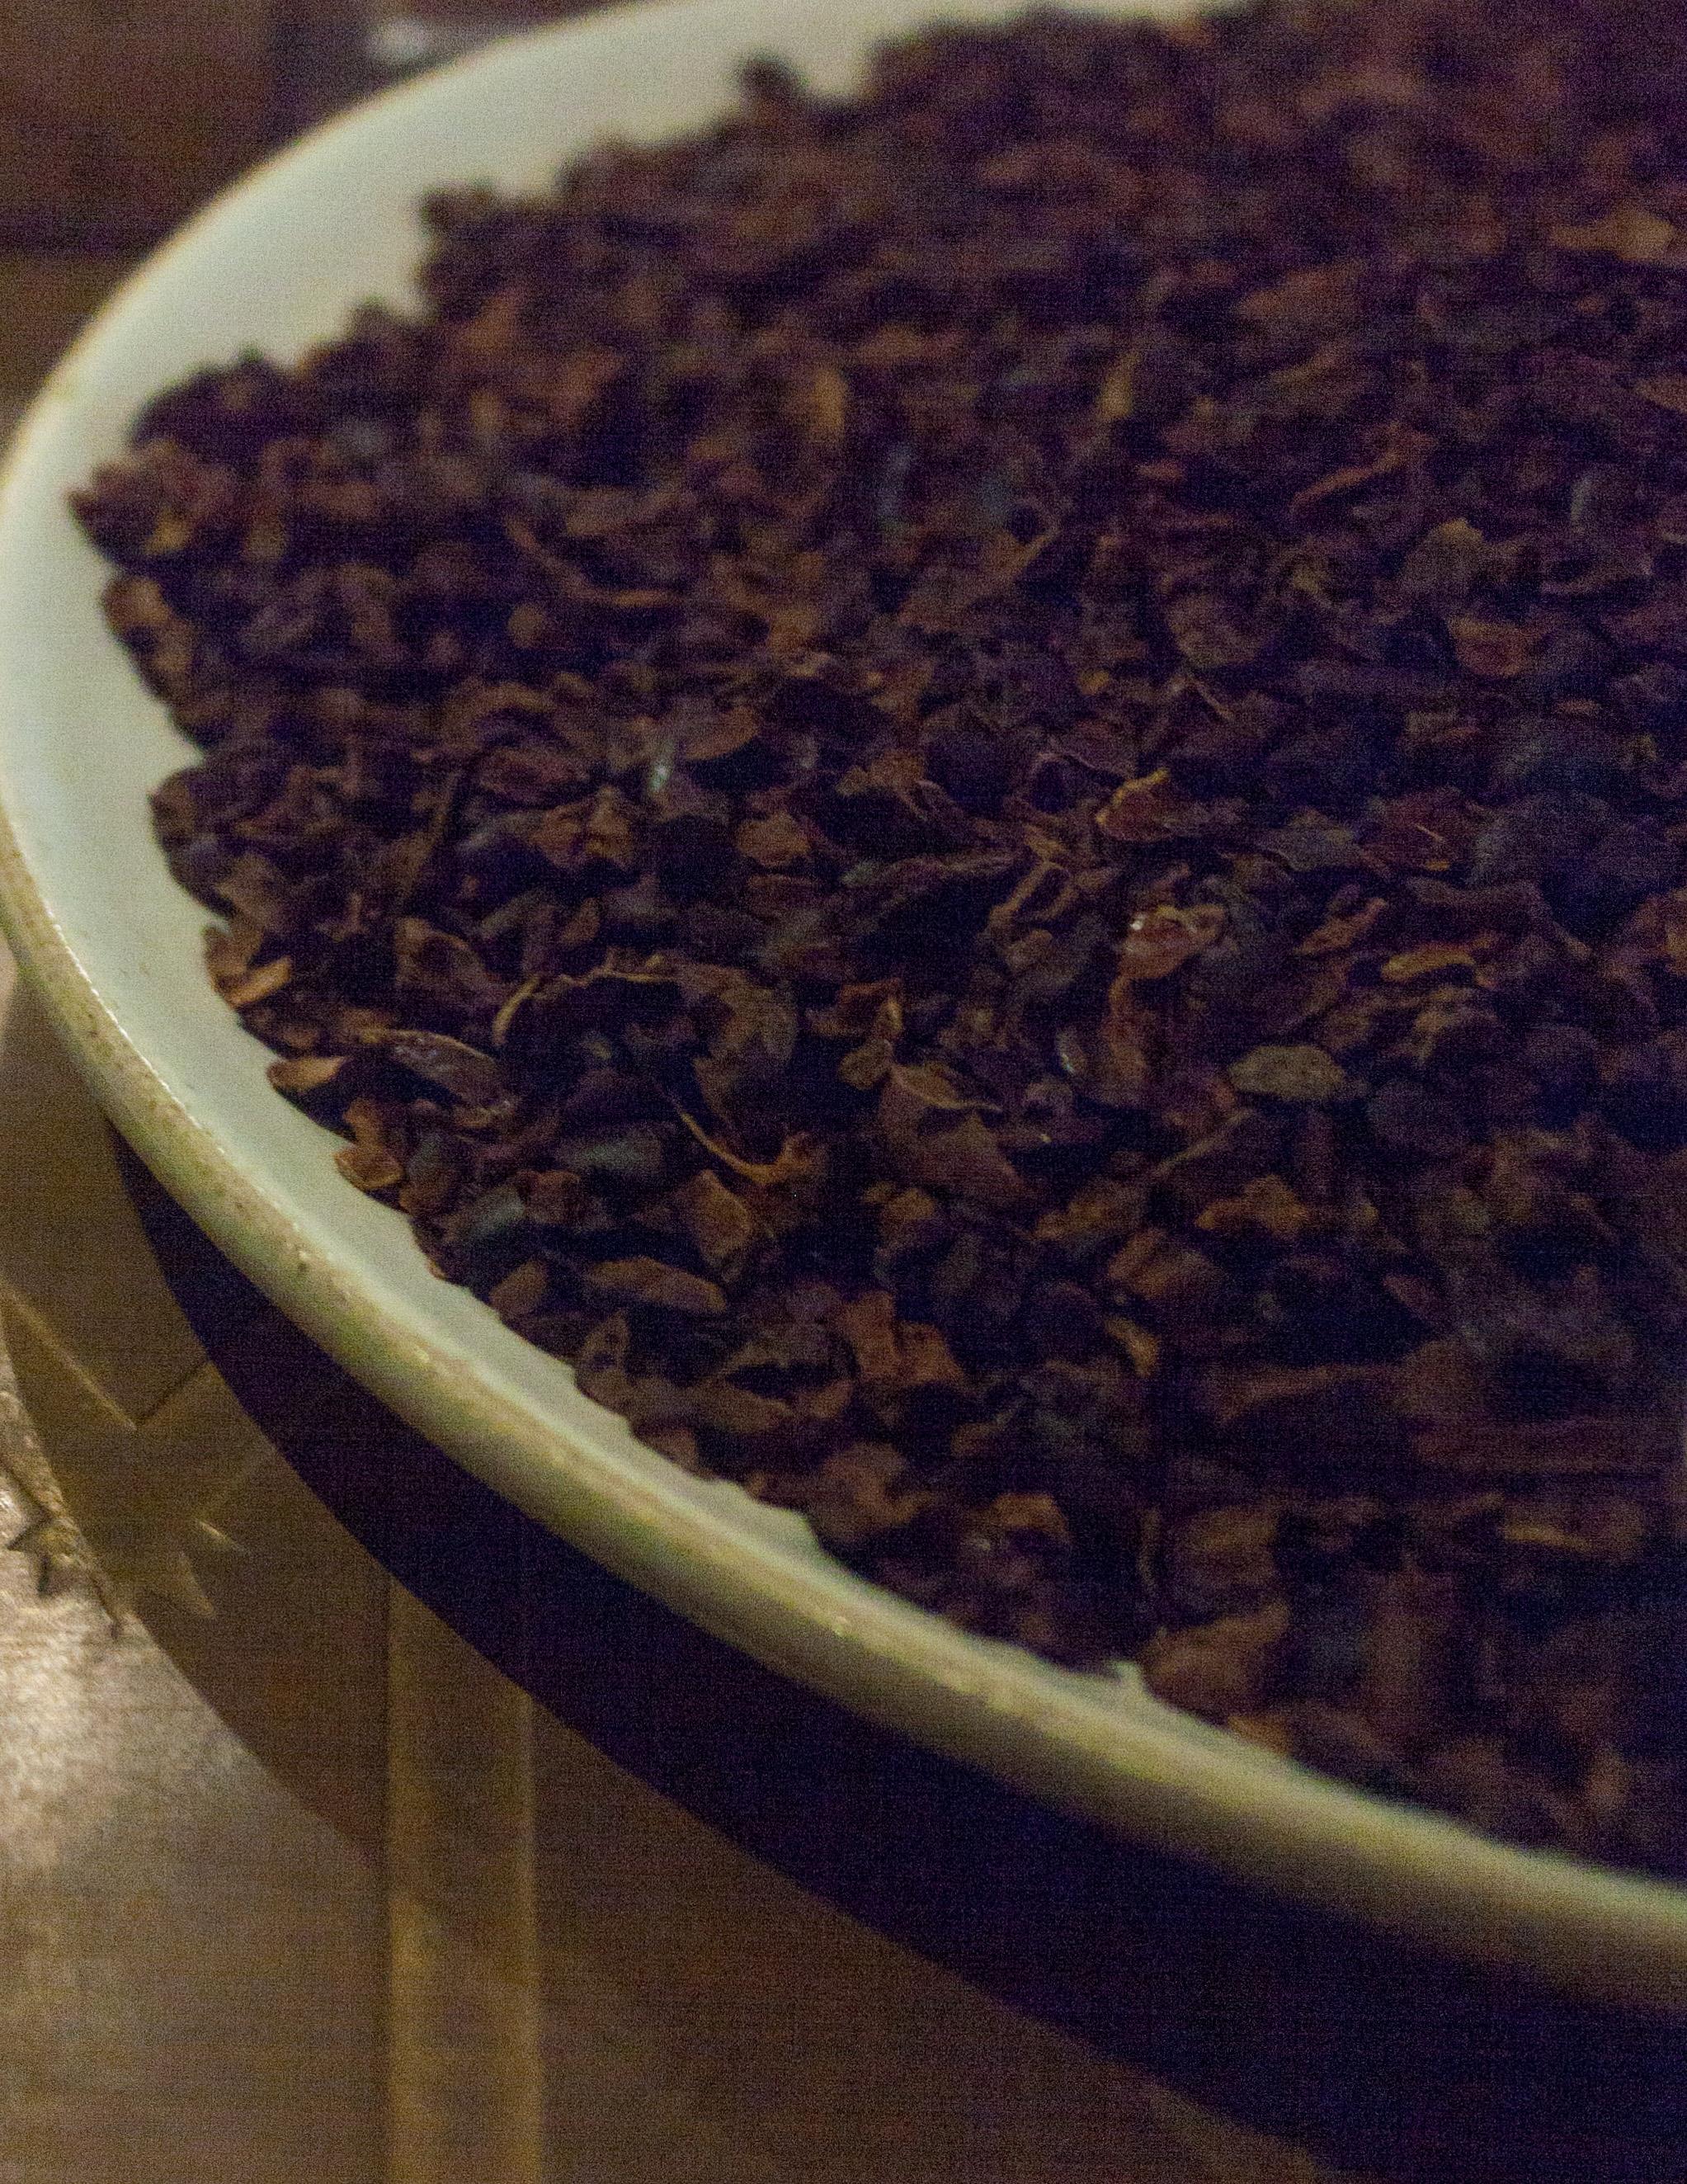 Pipiltin Cocoa at BAM! Tapas Sake & Bar